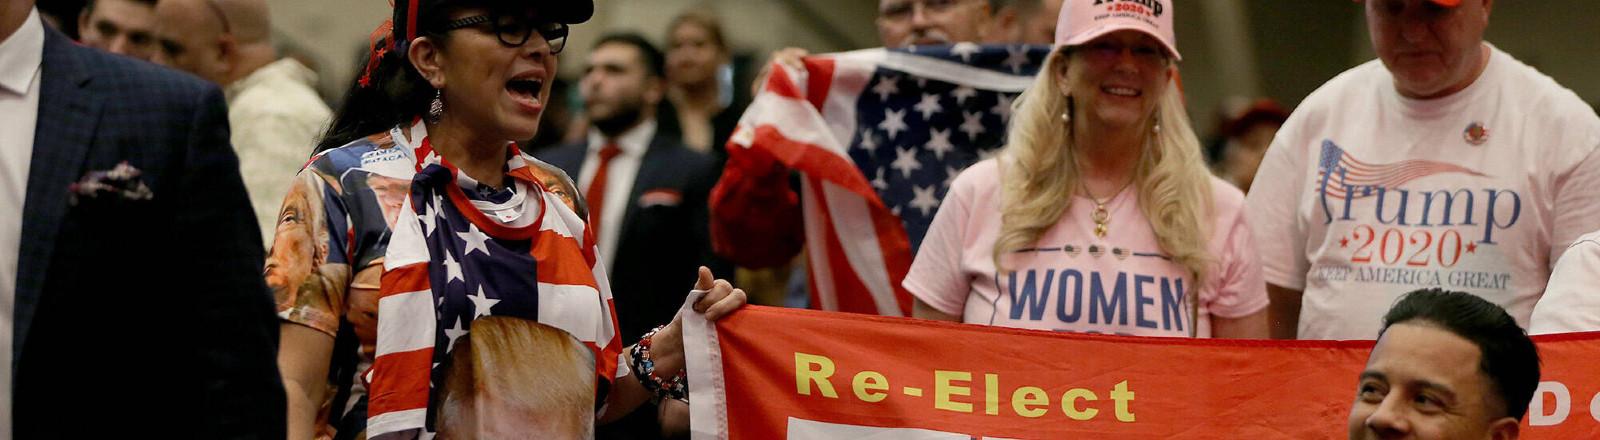 Trump-Unterstützer bei einer Veranstaltung der Evangelikalen in El Rey Jesus Evangelikale Kirche in Kendall 03.01.2020